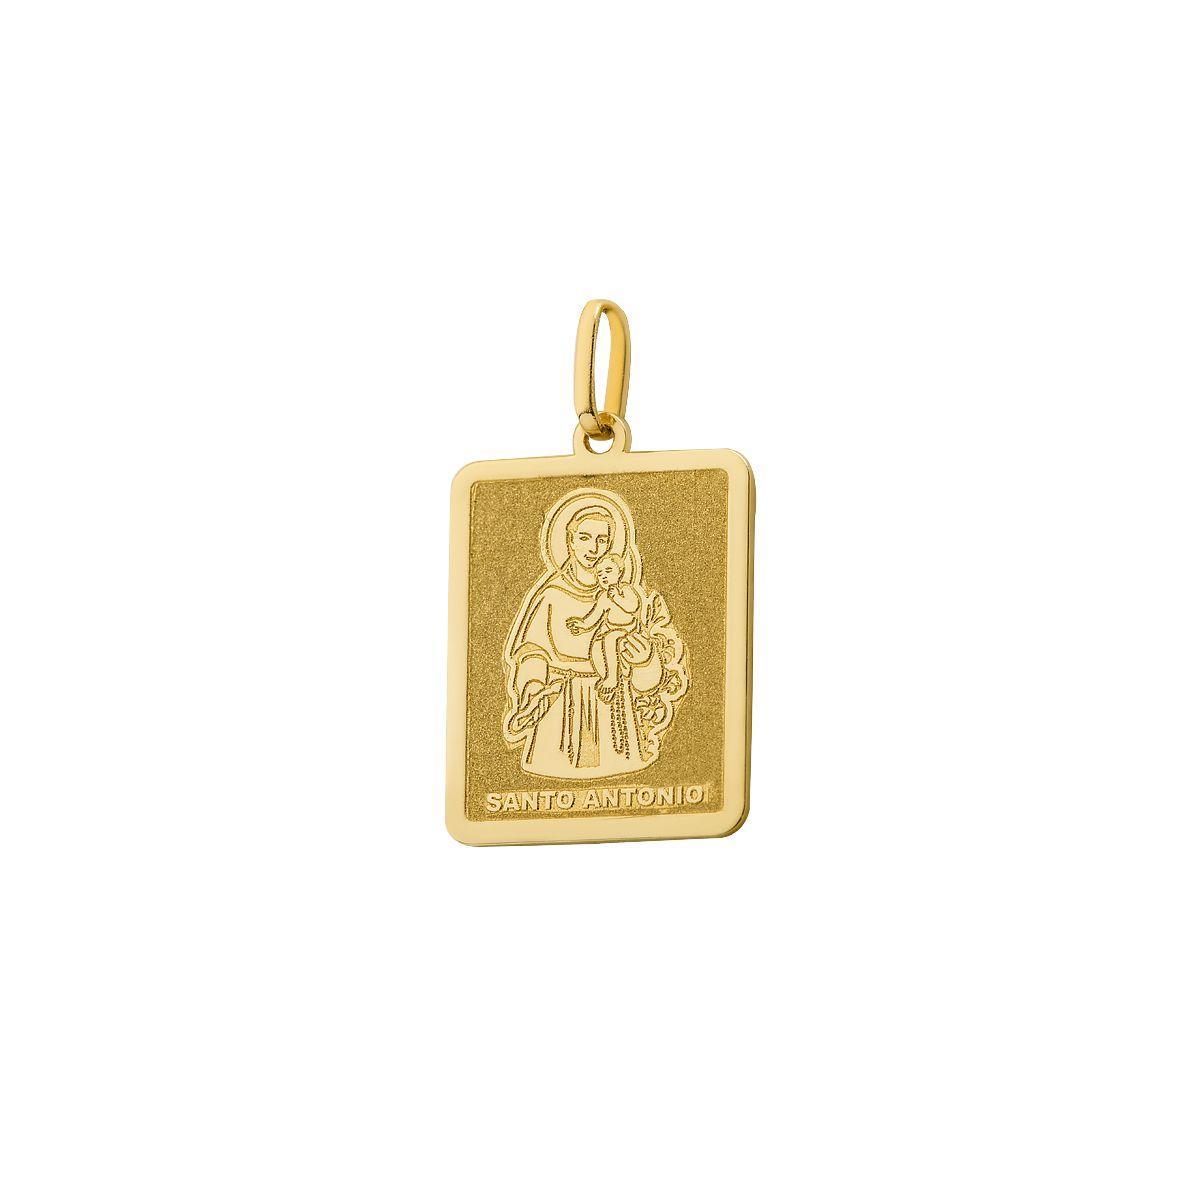 Pingente de Ouro 18k Placa Santo Antônio Quadrado pi18285 - Joiasgold  Produto não disponível 3351d2d845